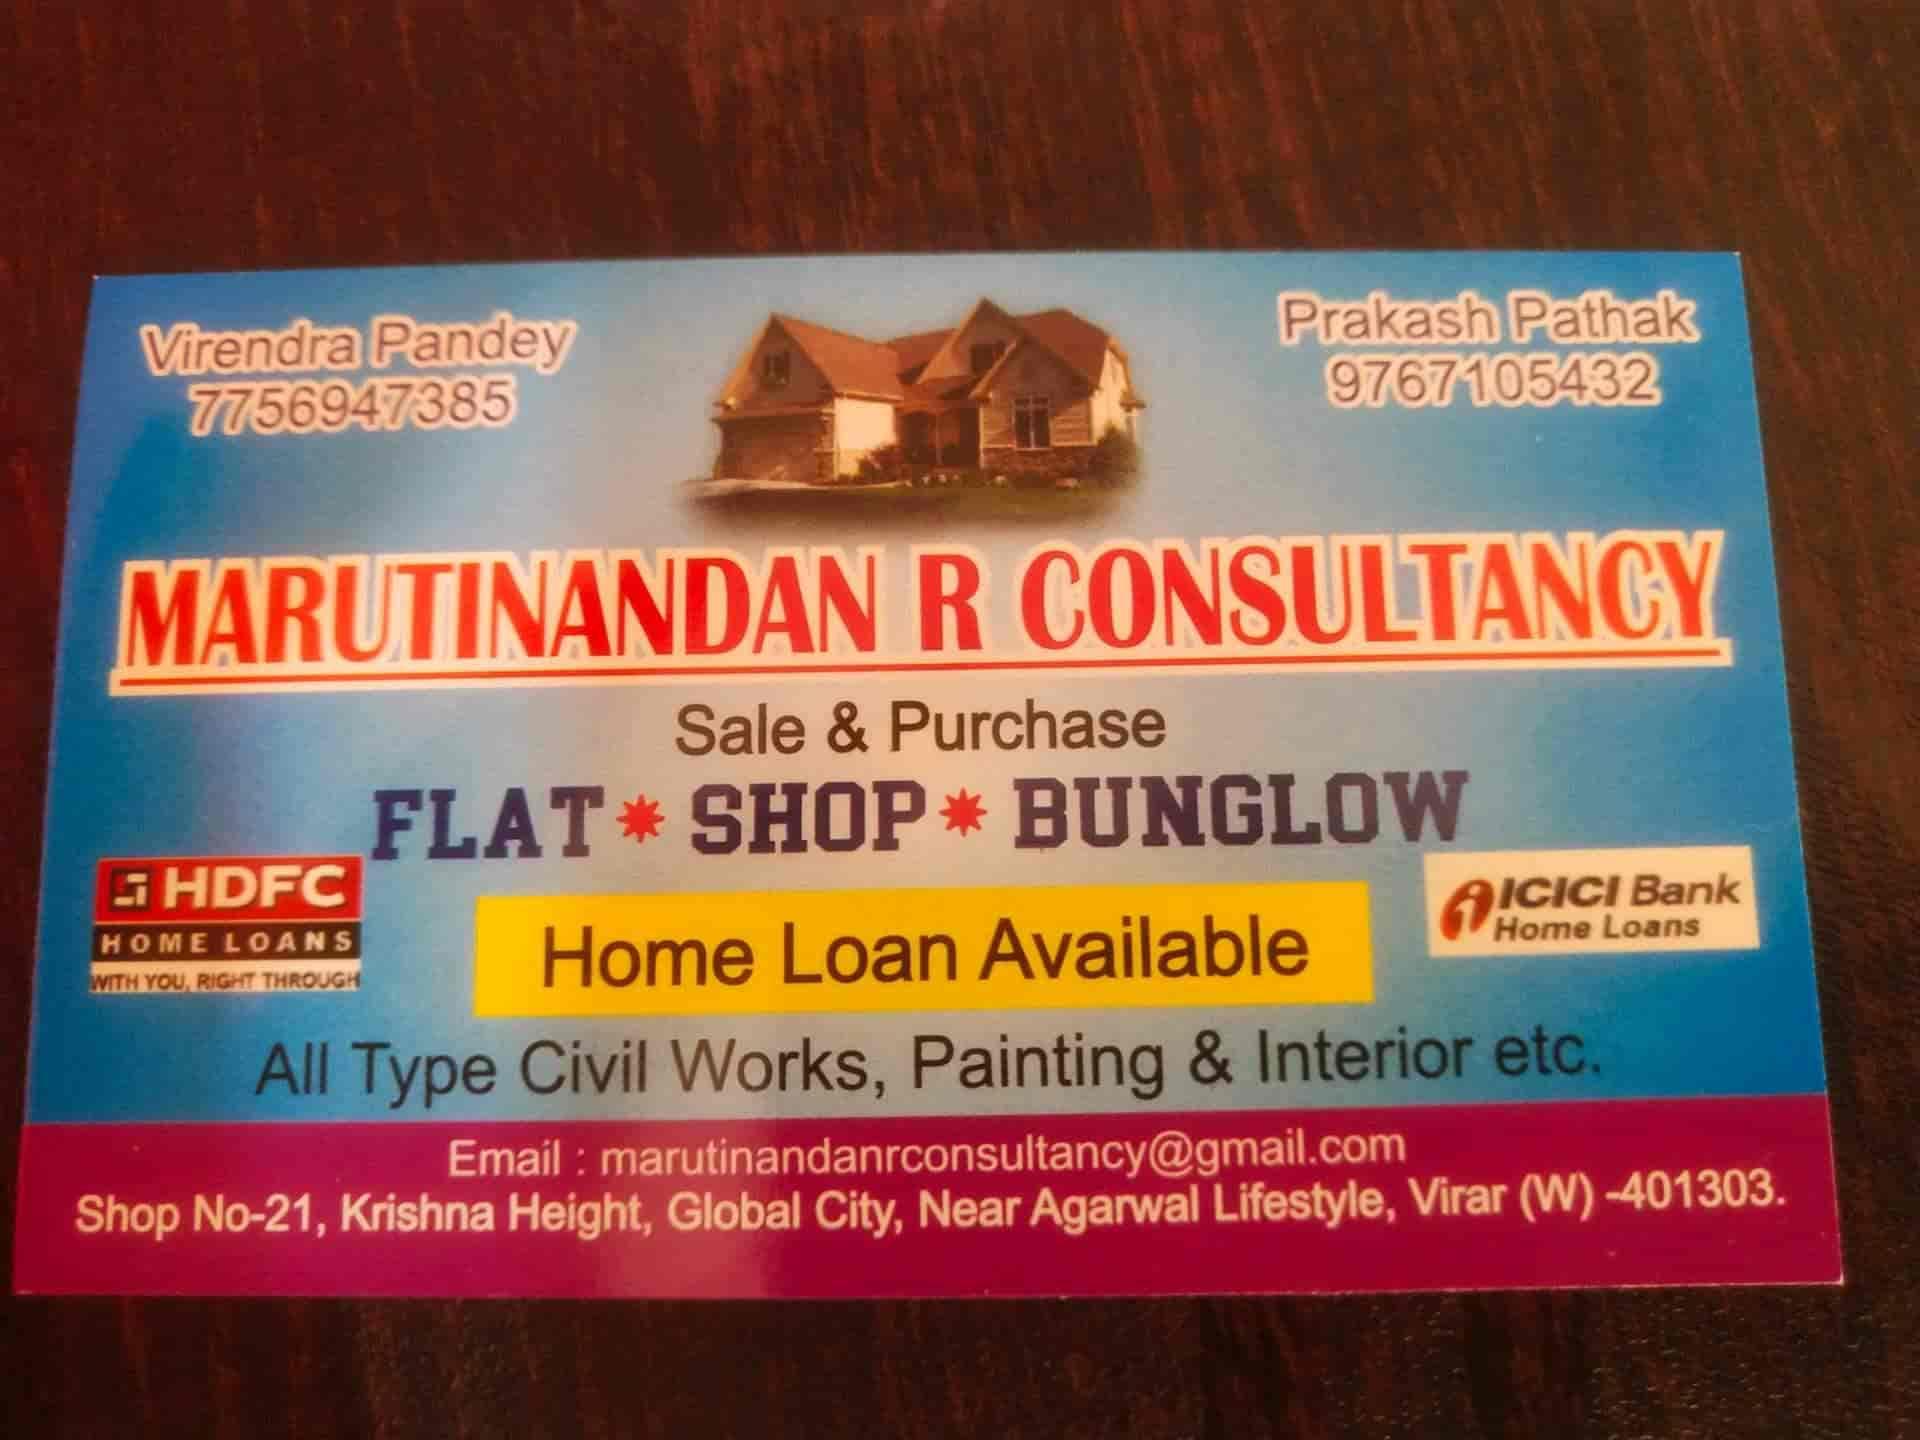 Maruti Nandan R Consultant, Virar West - Estate Agents For